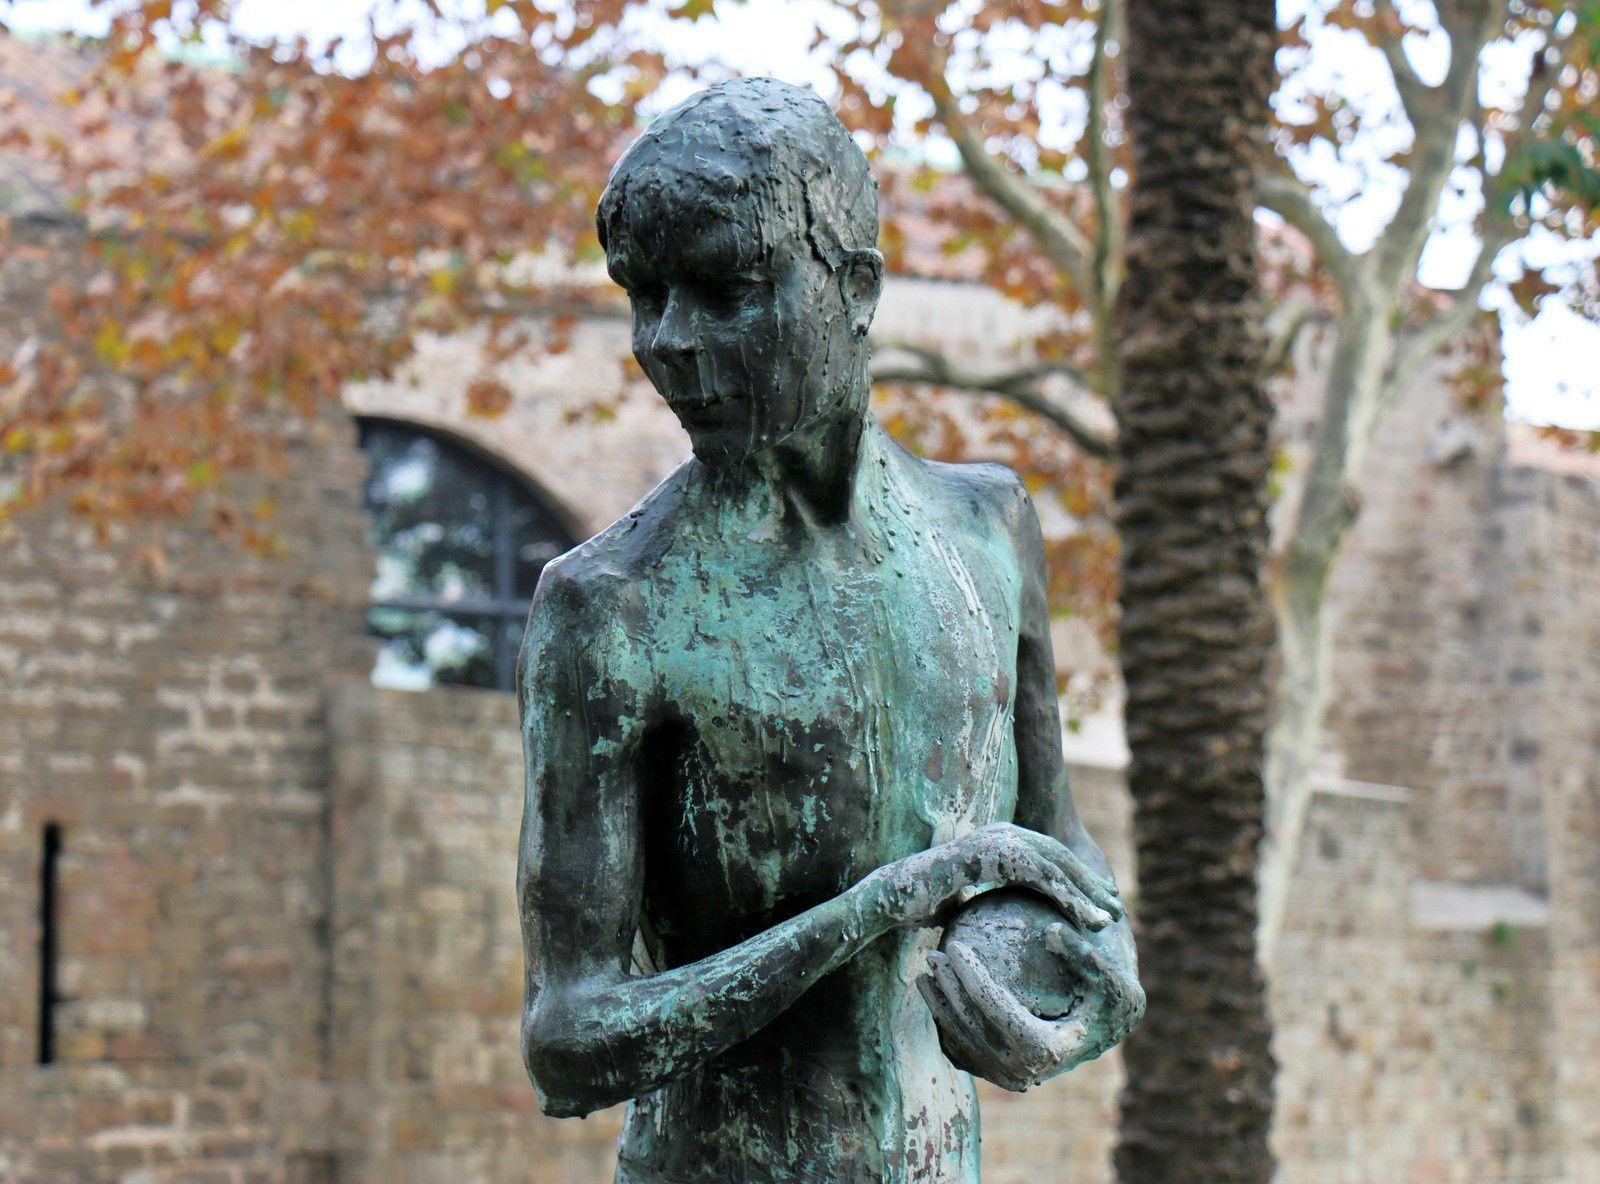 Le lanceur de poids, statue à Barcelone